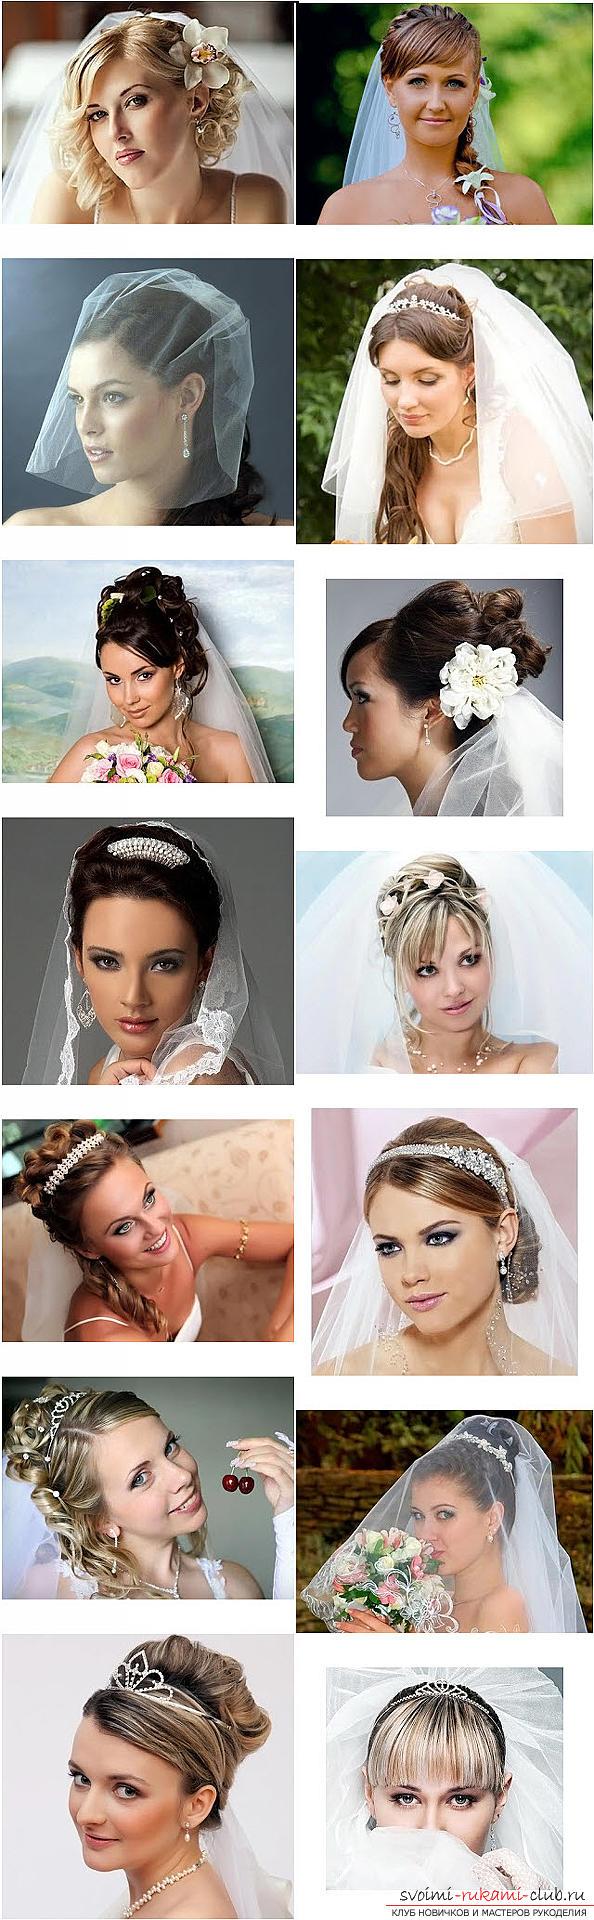 Beheers het meesterschap van het creëren van kapsels voor de bruid met je eigen handen. Foto # 2